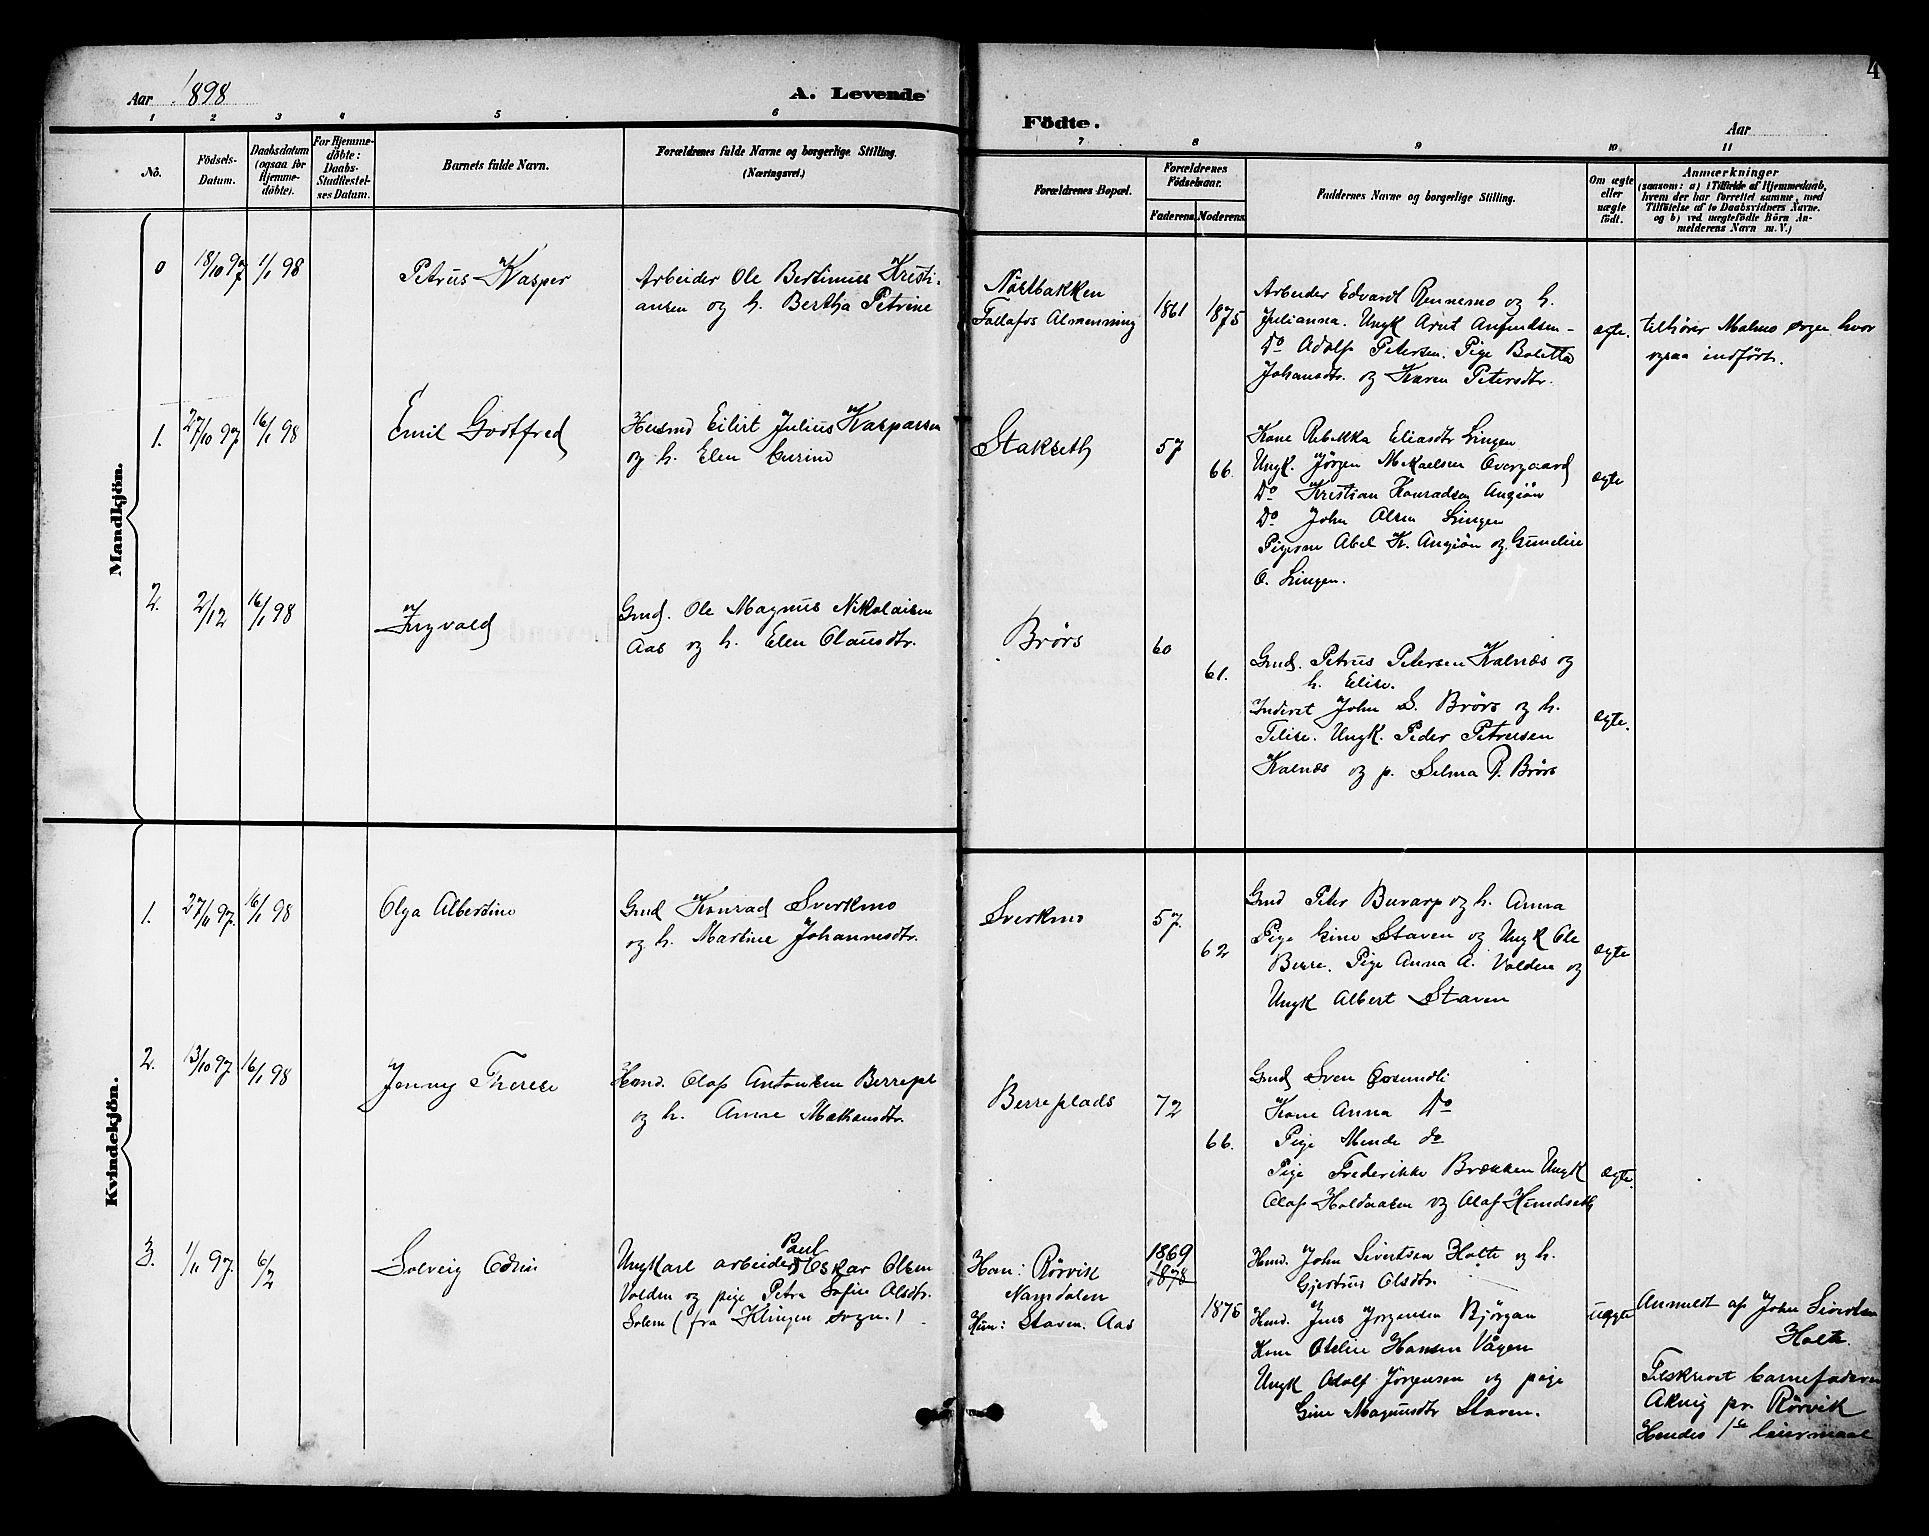 SAT, Ministerialprotokoller, klokkerbøker og fødselsregistre - Nord-Trøndelag, 742/L0412: Klokkerbok nr. 742C03, 1898-1910, s. 4